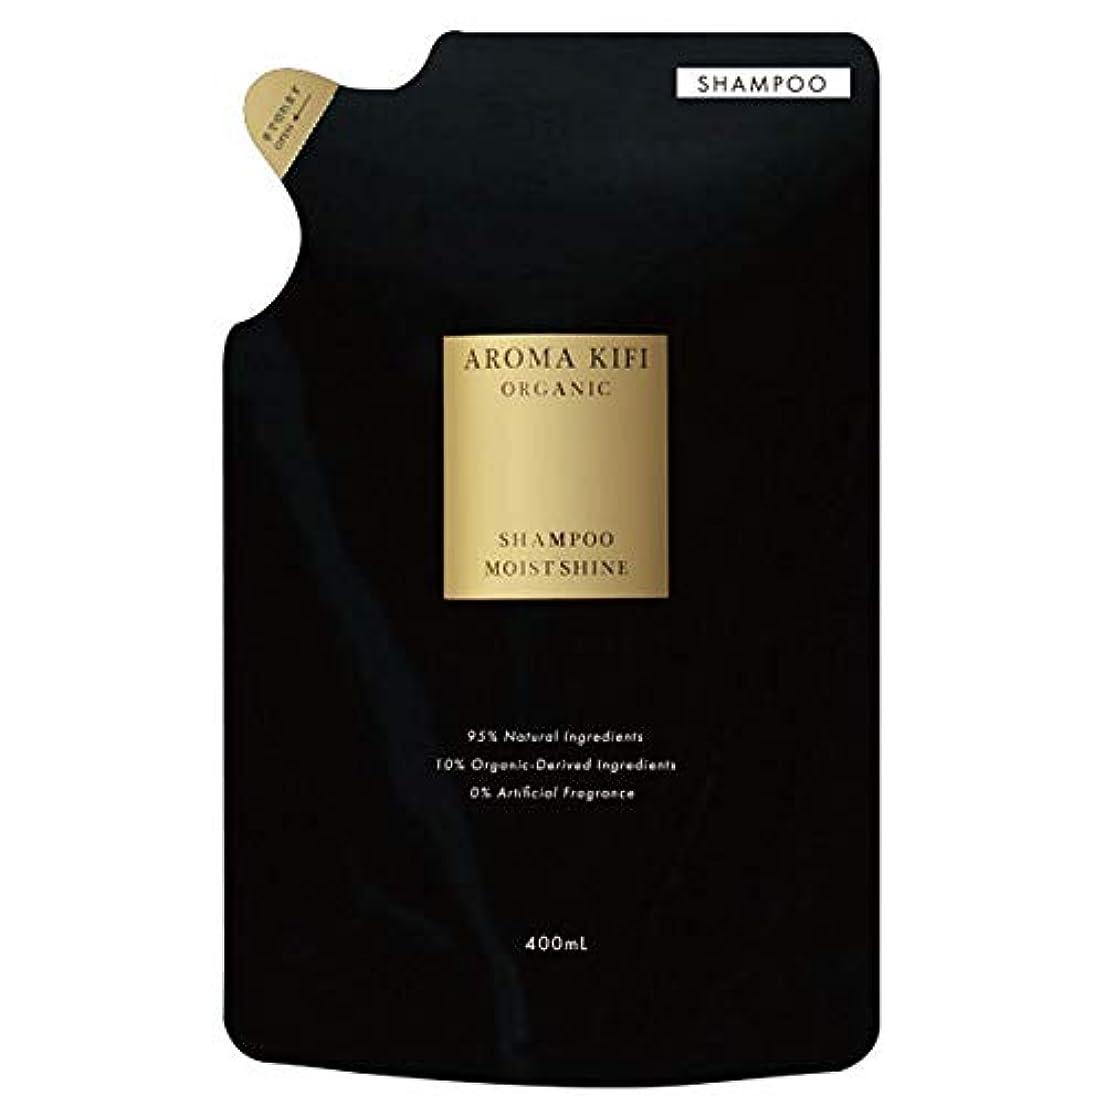 輸送チョコレート金銭的なアロマキフィ オーガニック シャンプー 詰替え 400ml 【モイスト&シャイン】サロン品質 ノンシリコン 無添加 アロマティックハーブの香り